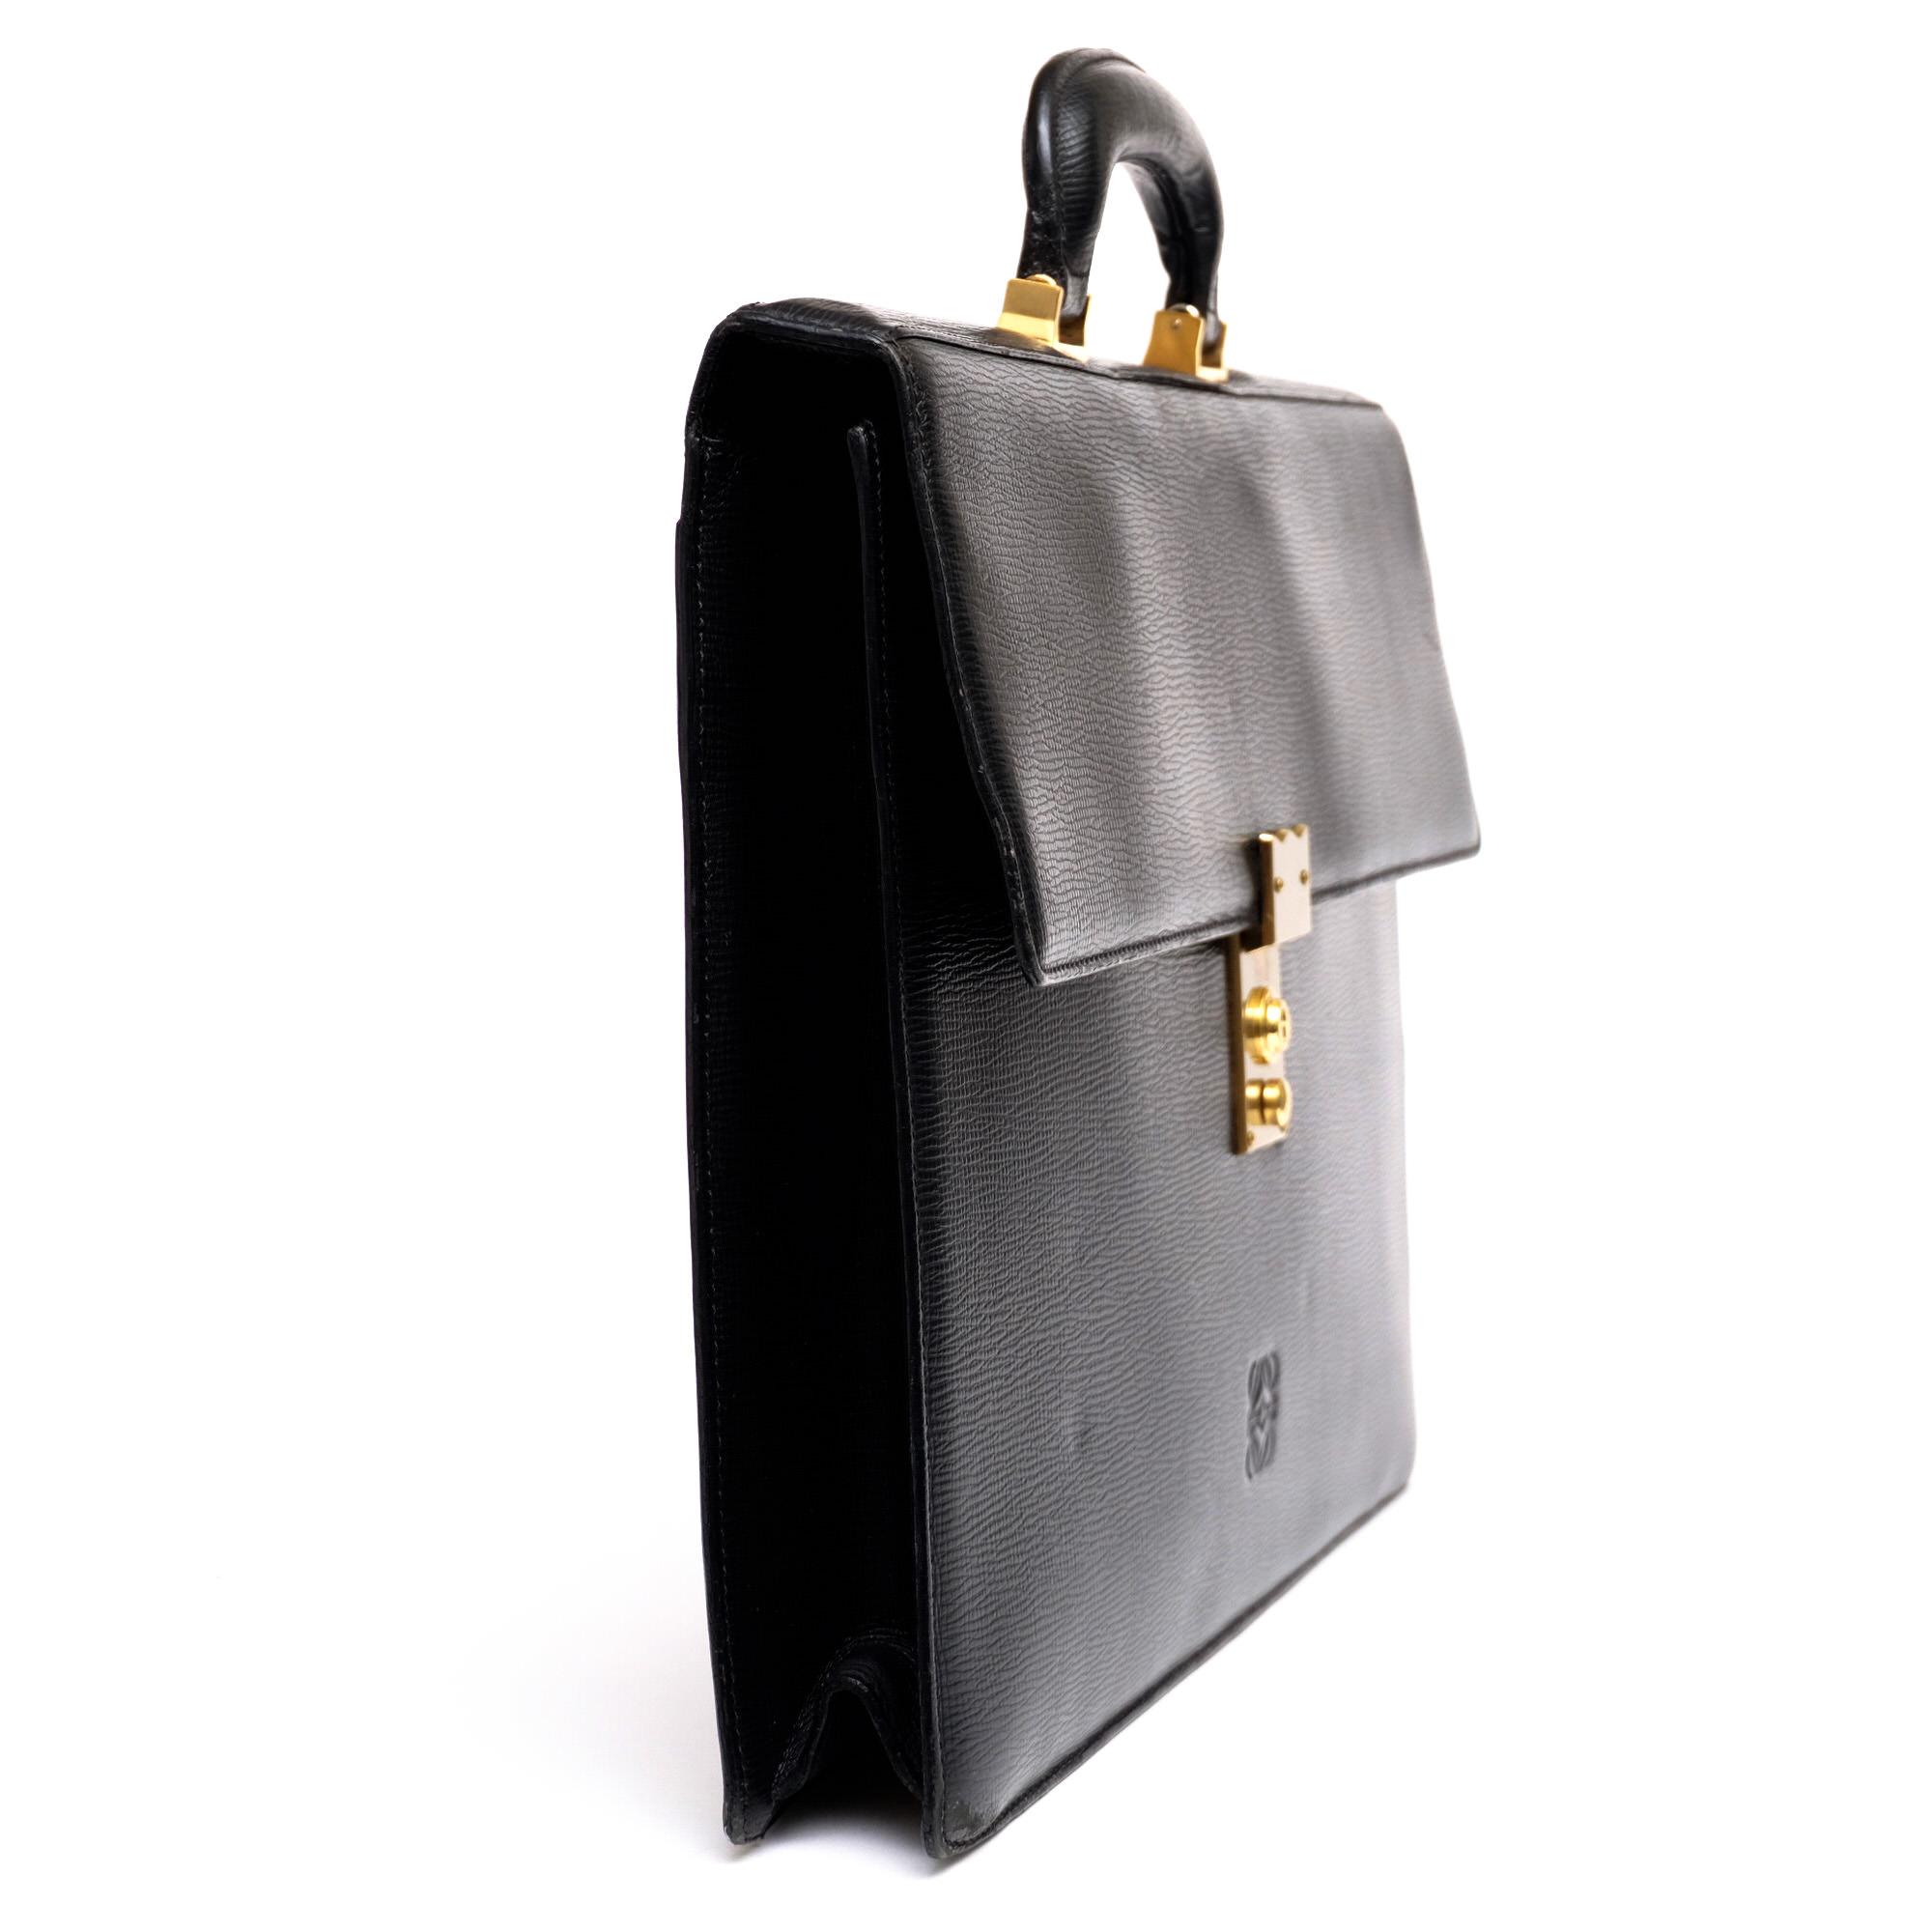 online store a74c8 98187 ロエベ / LOEWE ビジネスバッグ メンズ ブラック 黒